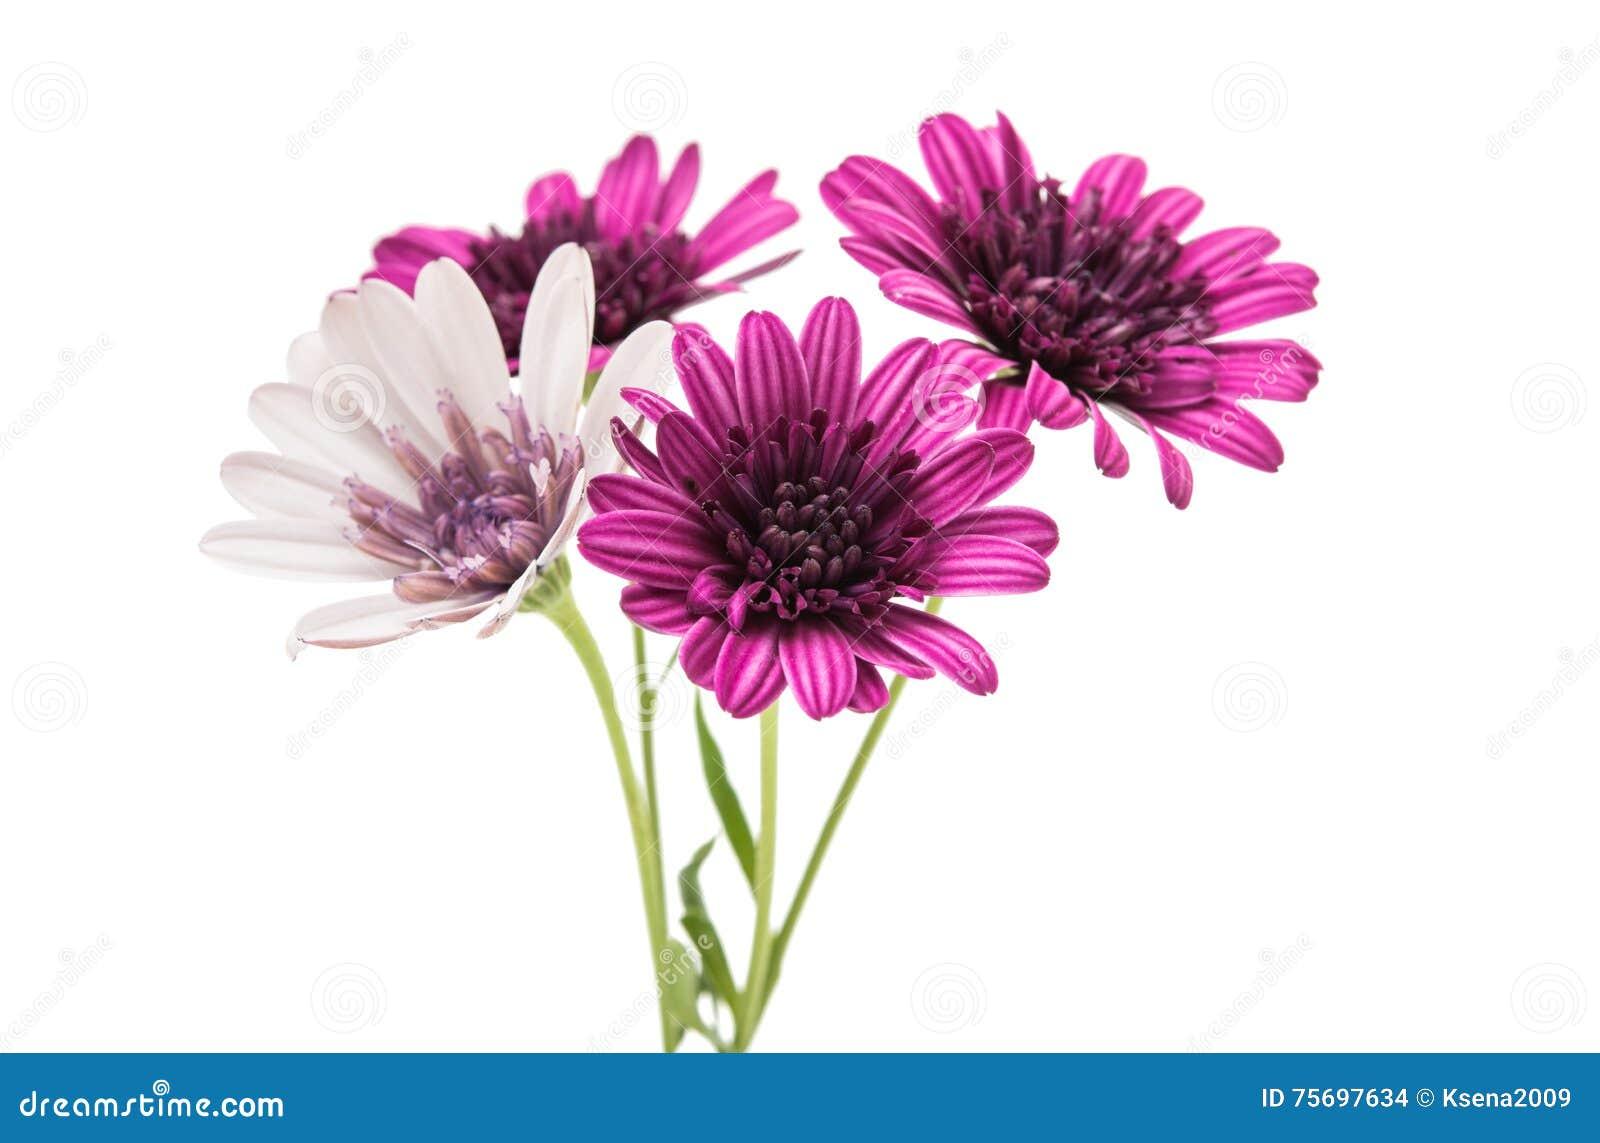 Purple chrysanthemum flower daisy family stock photo image of download purple chrysanthemum flower daisy family stock photo image of deep plant izmirmasajfo